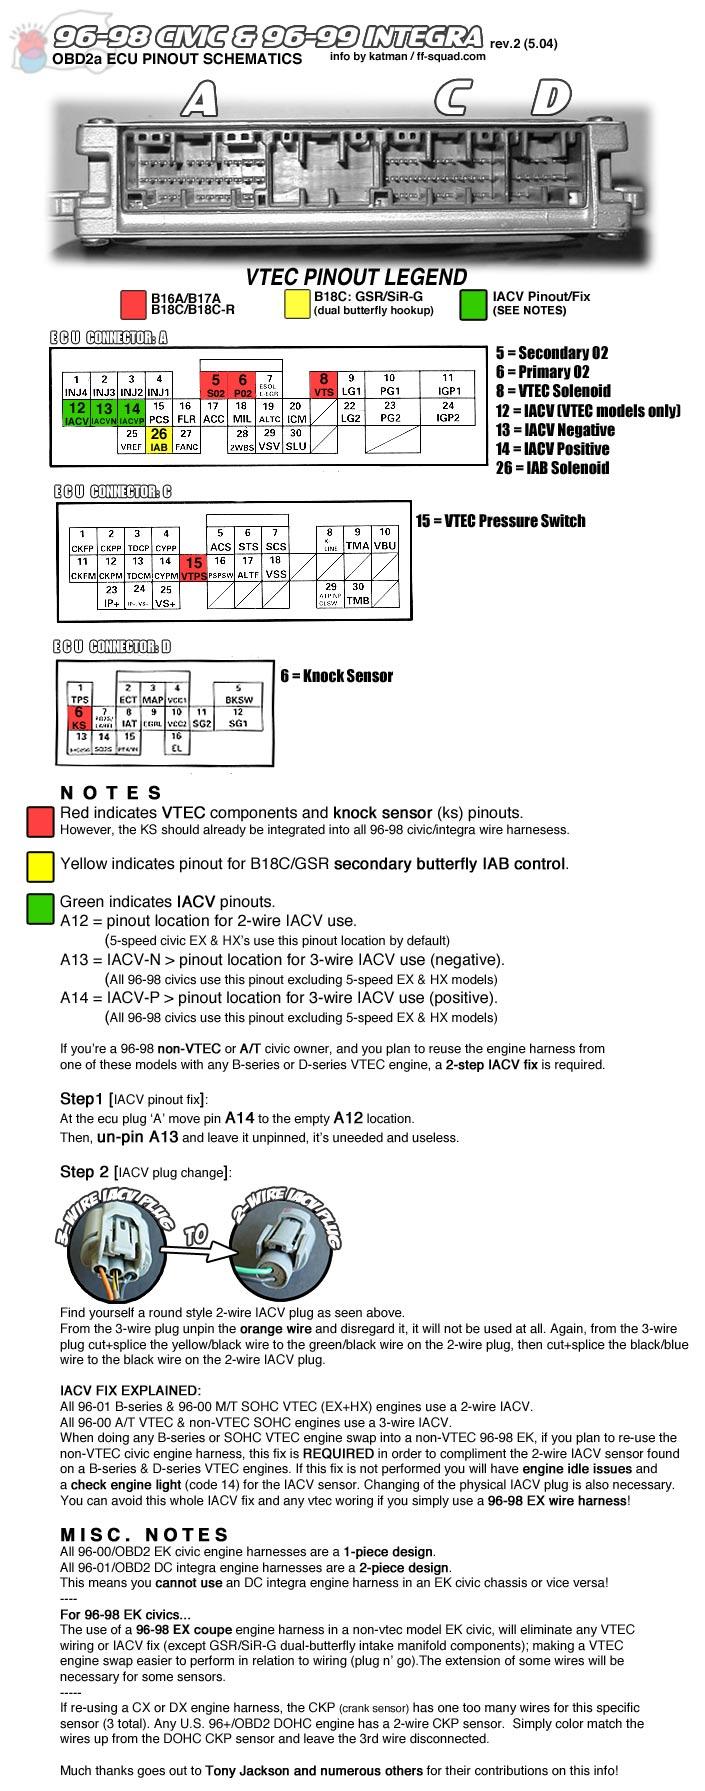 5 speed Diagrama del motor